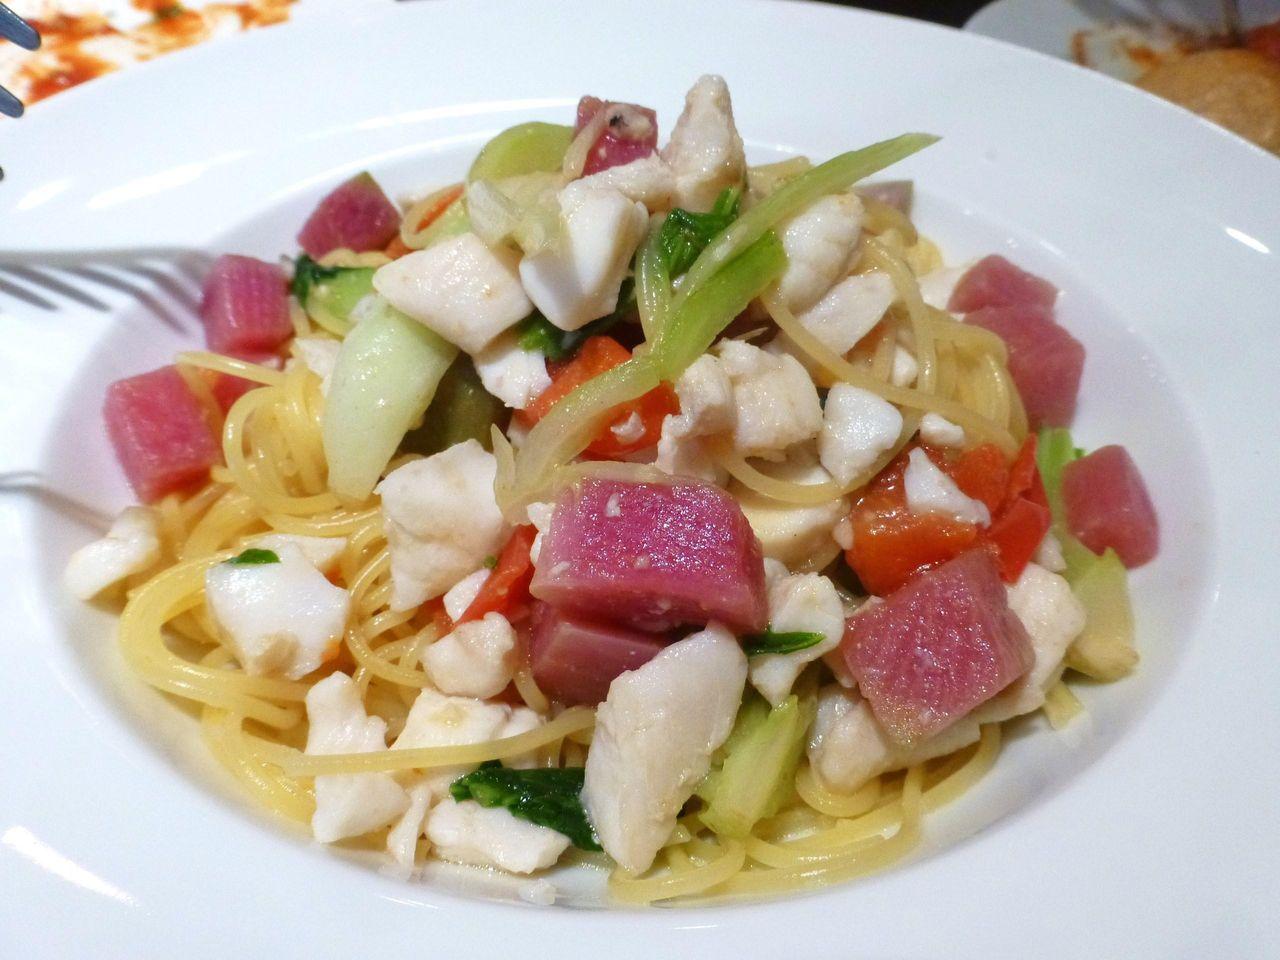 白身魚のペペロンチーノは、具材も豊富で上品な味わい!